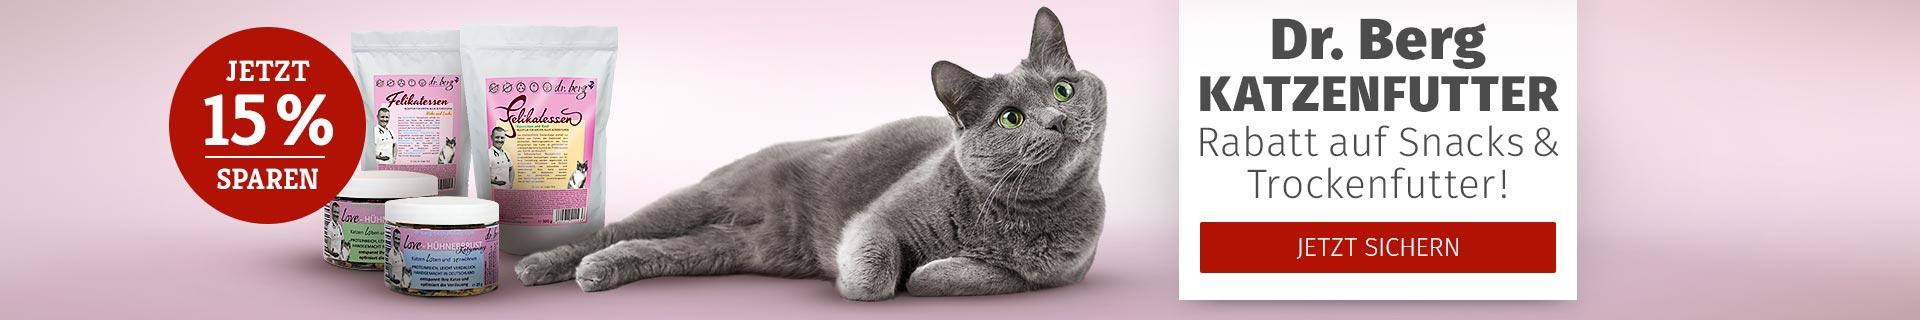 Dr. Berg Katzenfutter Rabatt auf Snacks & Trockenfutter